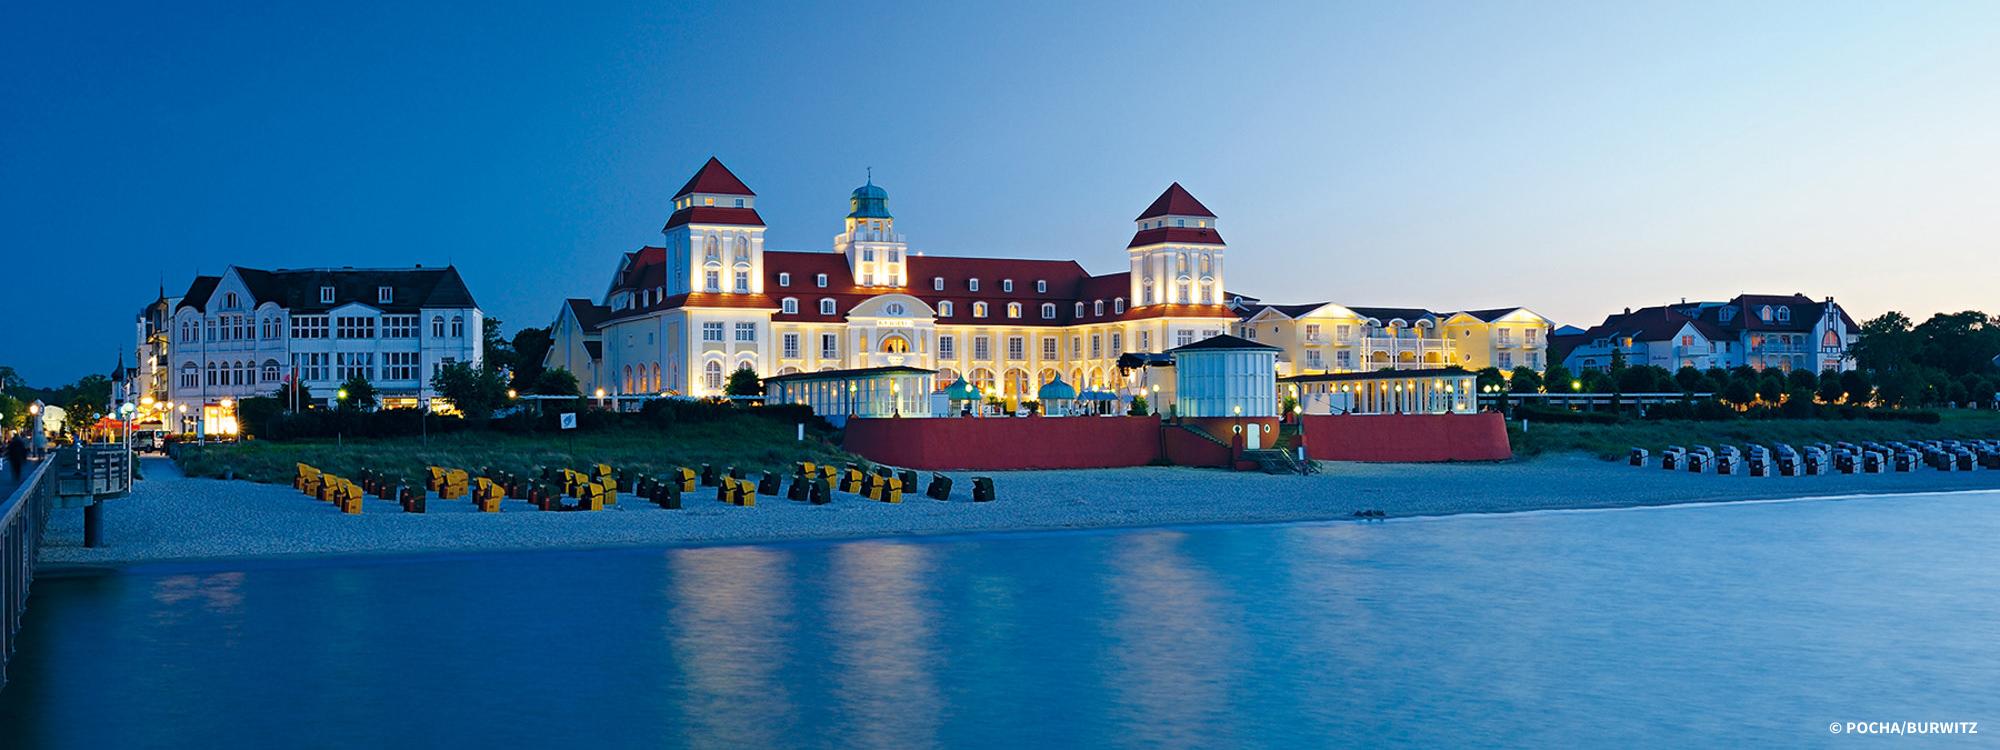 travel charme kurhaus binz hotel blaue stunde meer foto pocha burwitz sm | Hochzeitsportal Rügen